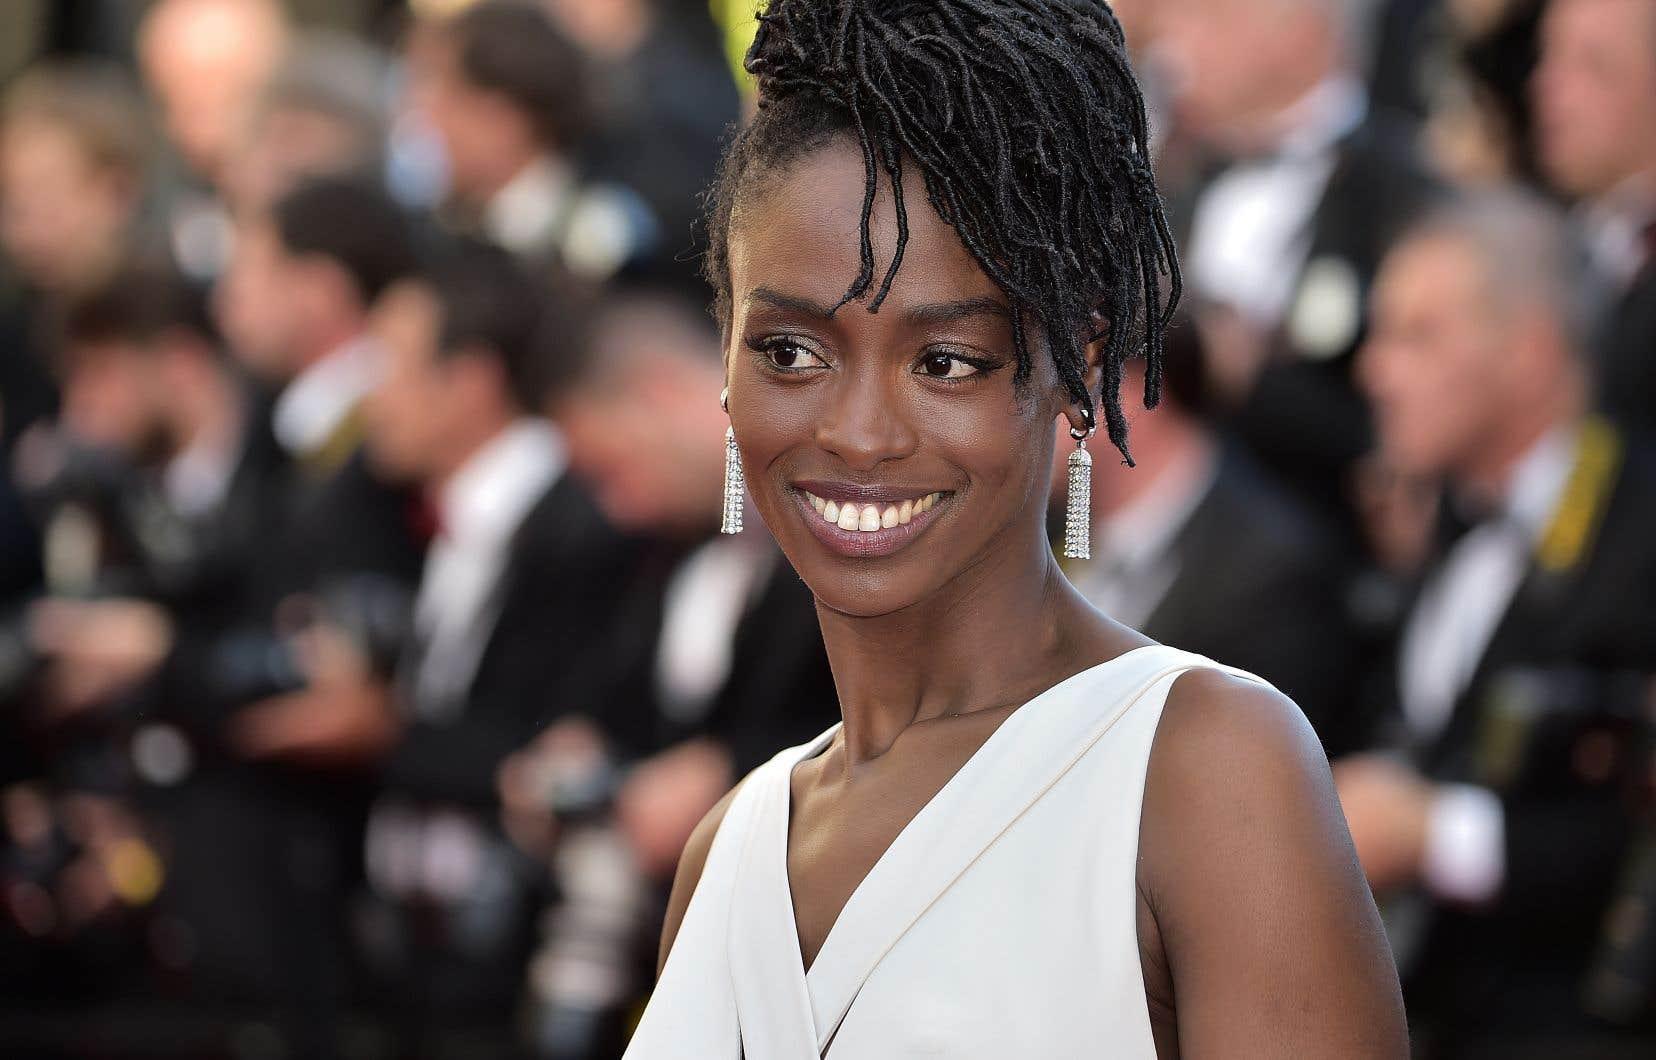 «L'imaginaire des productions françaises est encore empreint de clichés hérités d'un autre temps», explique l'actrice Aïssa Maïga.